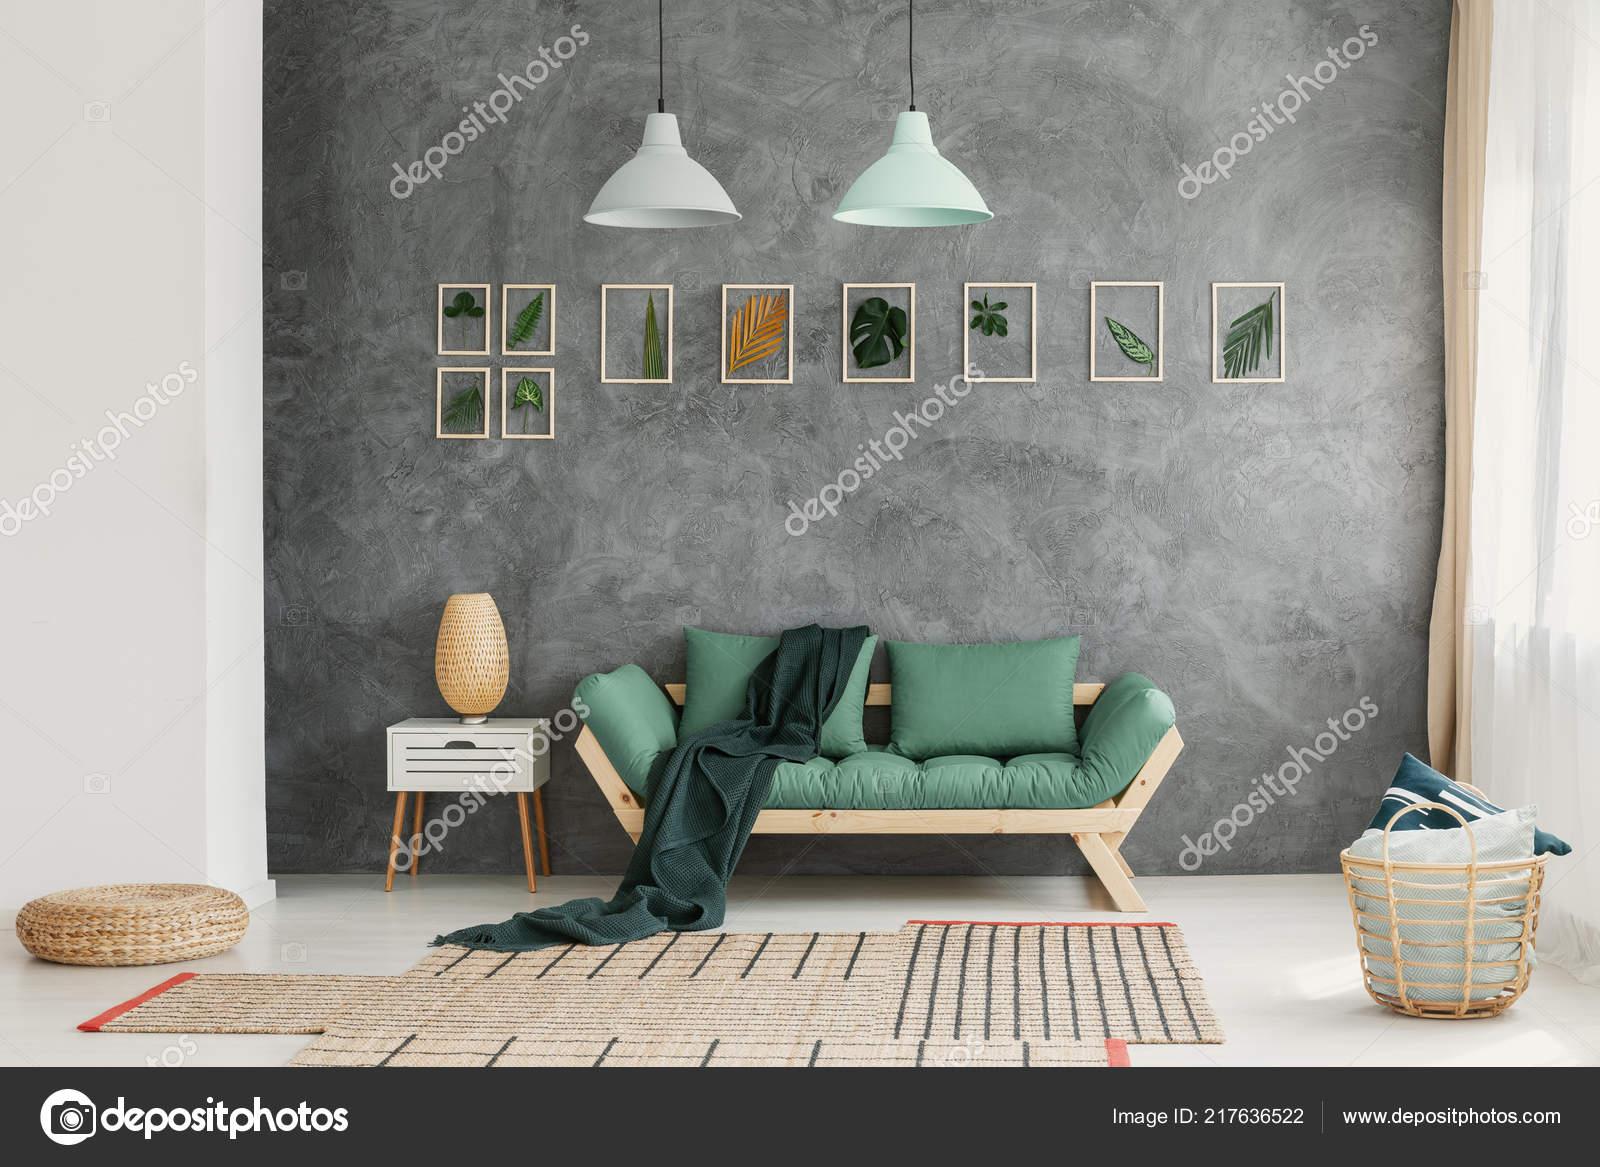 Plafoniere Soffitto Industrial : Stile industriale plafoniere mobili legno scandinavo interno